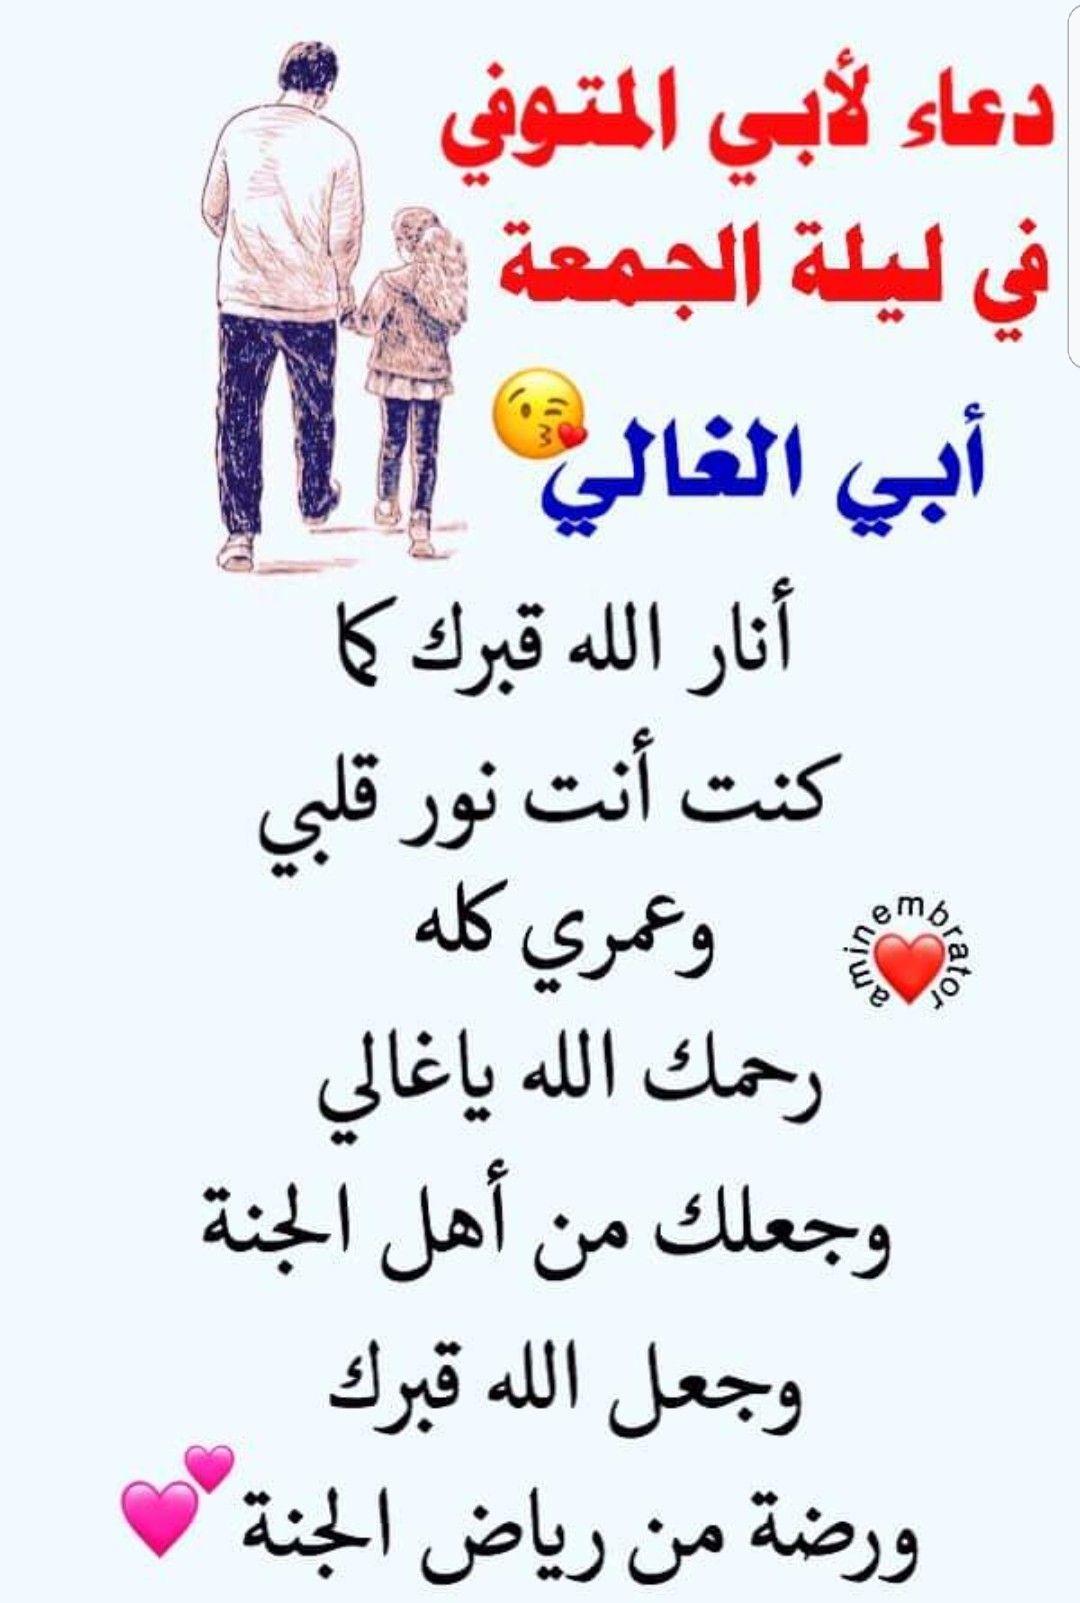 دعاء للميت Arabic Funny Words Love Photos